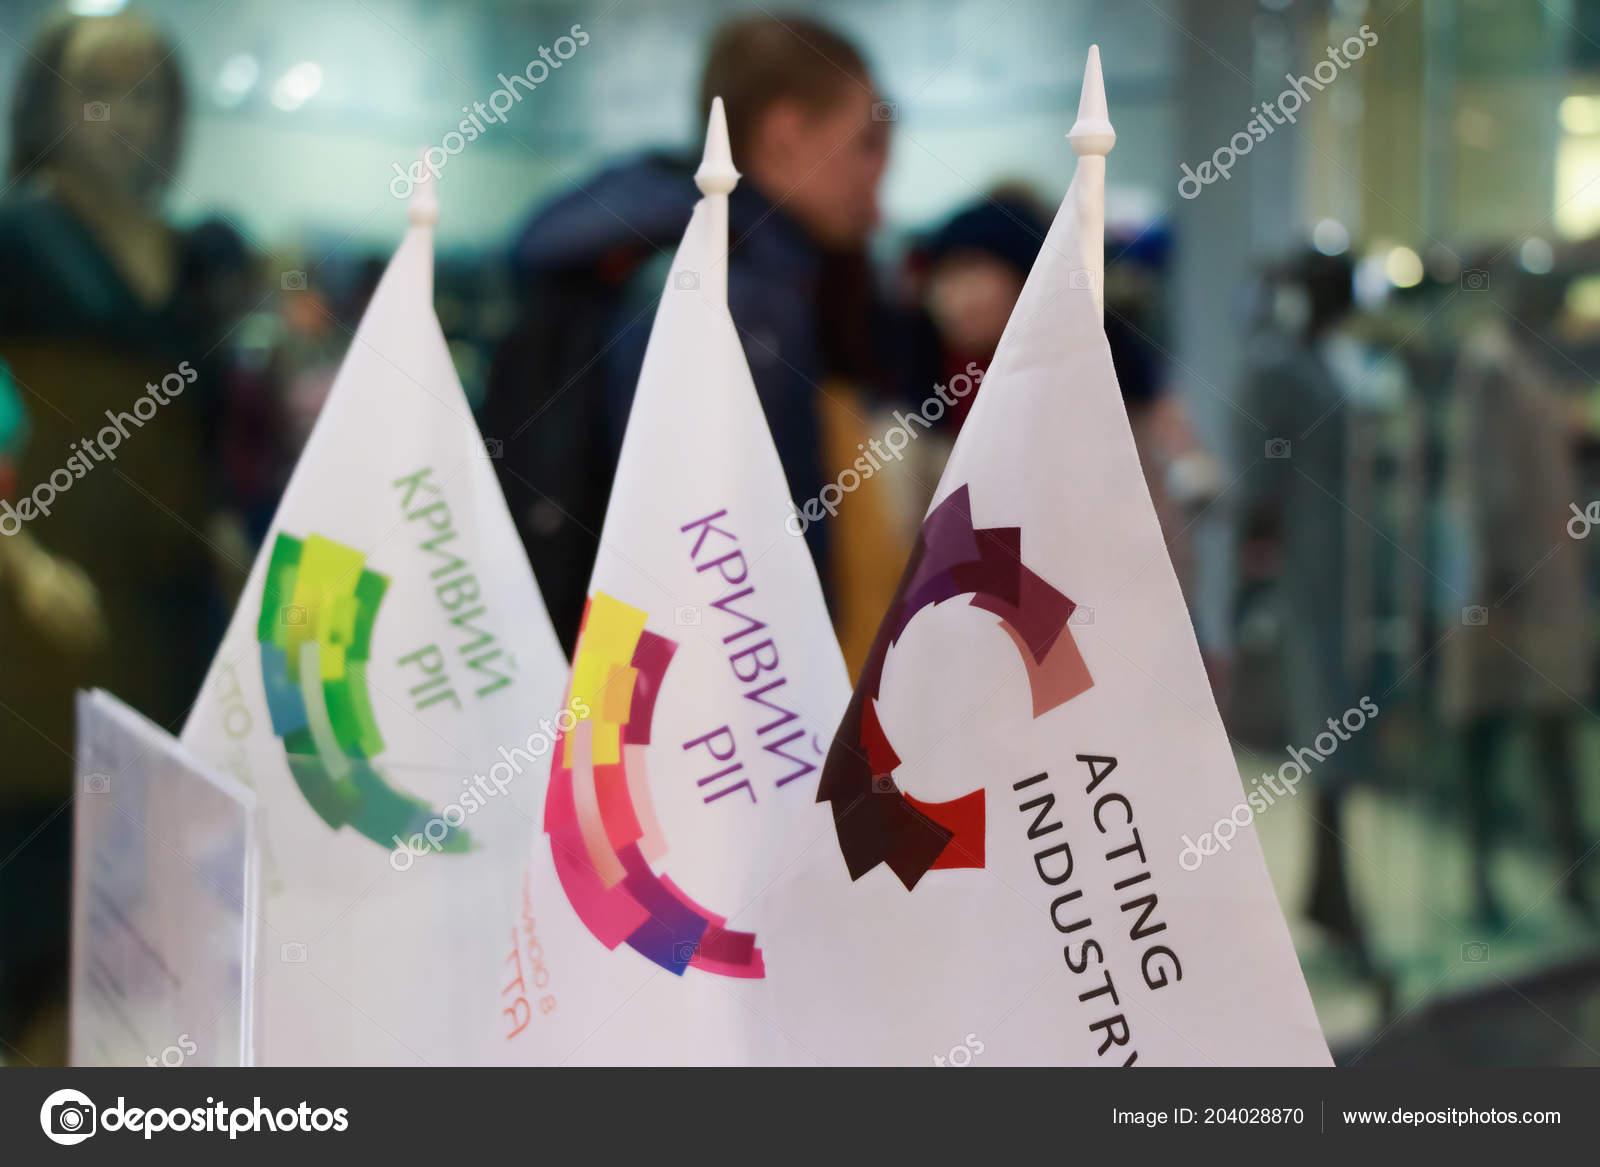 Krivoj Rog Dejstvuya Promyshlennosti Flagi Stokovoe Foto C M A N 204028870